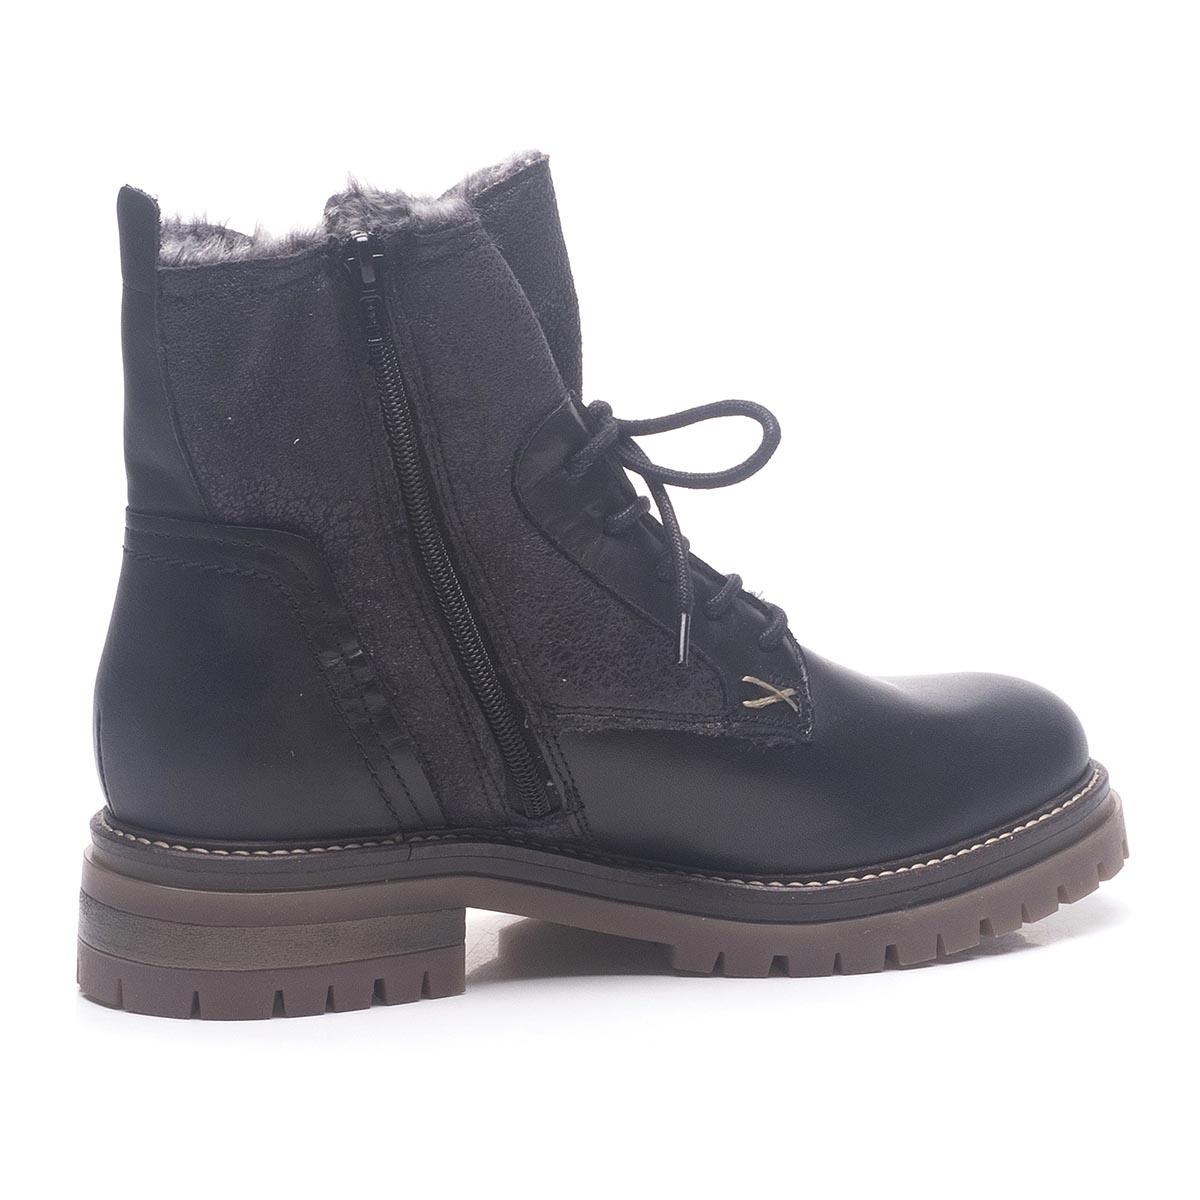 f0bb6feac7 detail Dámská obuv TAMARIS 1-1-26260-21 BLACK COMB 098